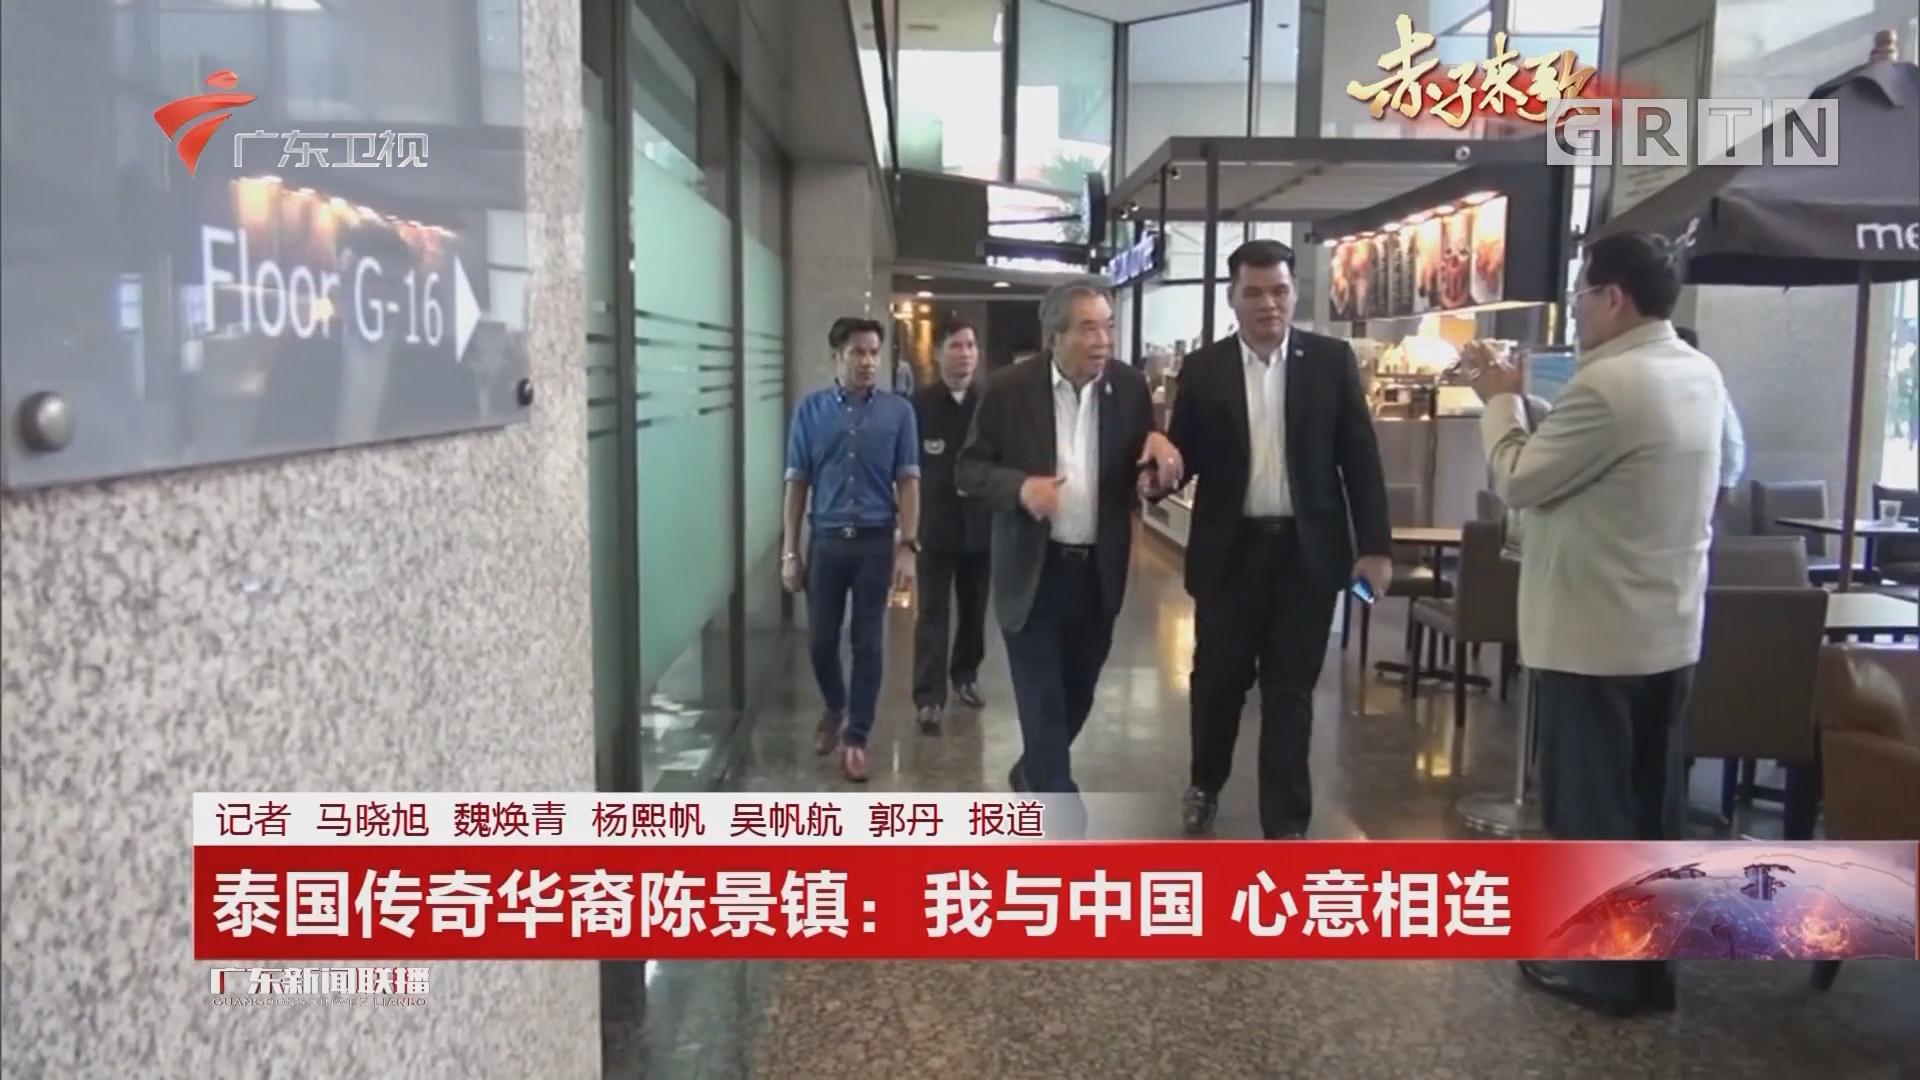 泰国传奇华裔陈景镇:我与中国 心意相连